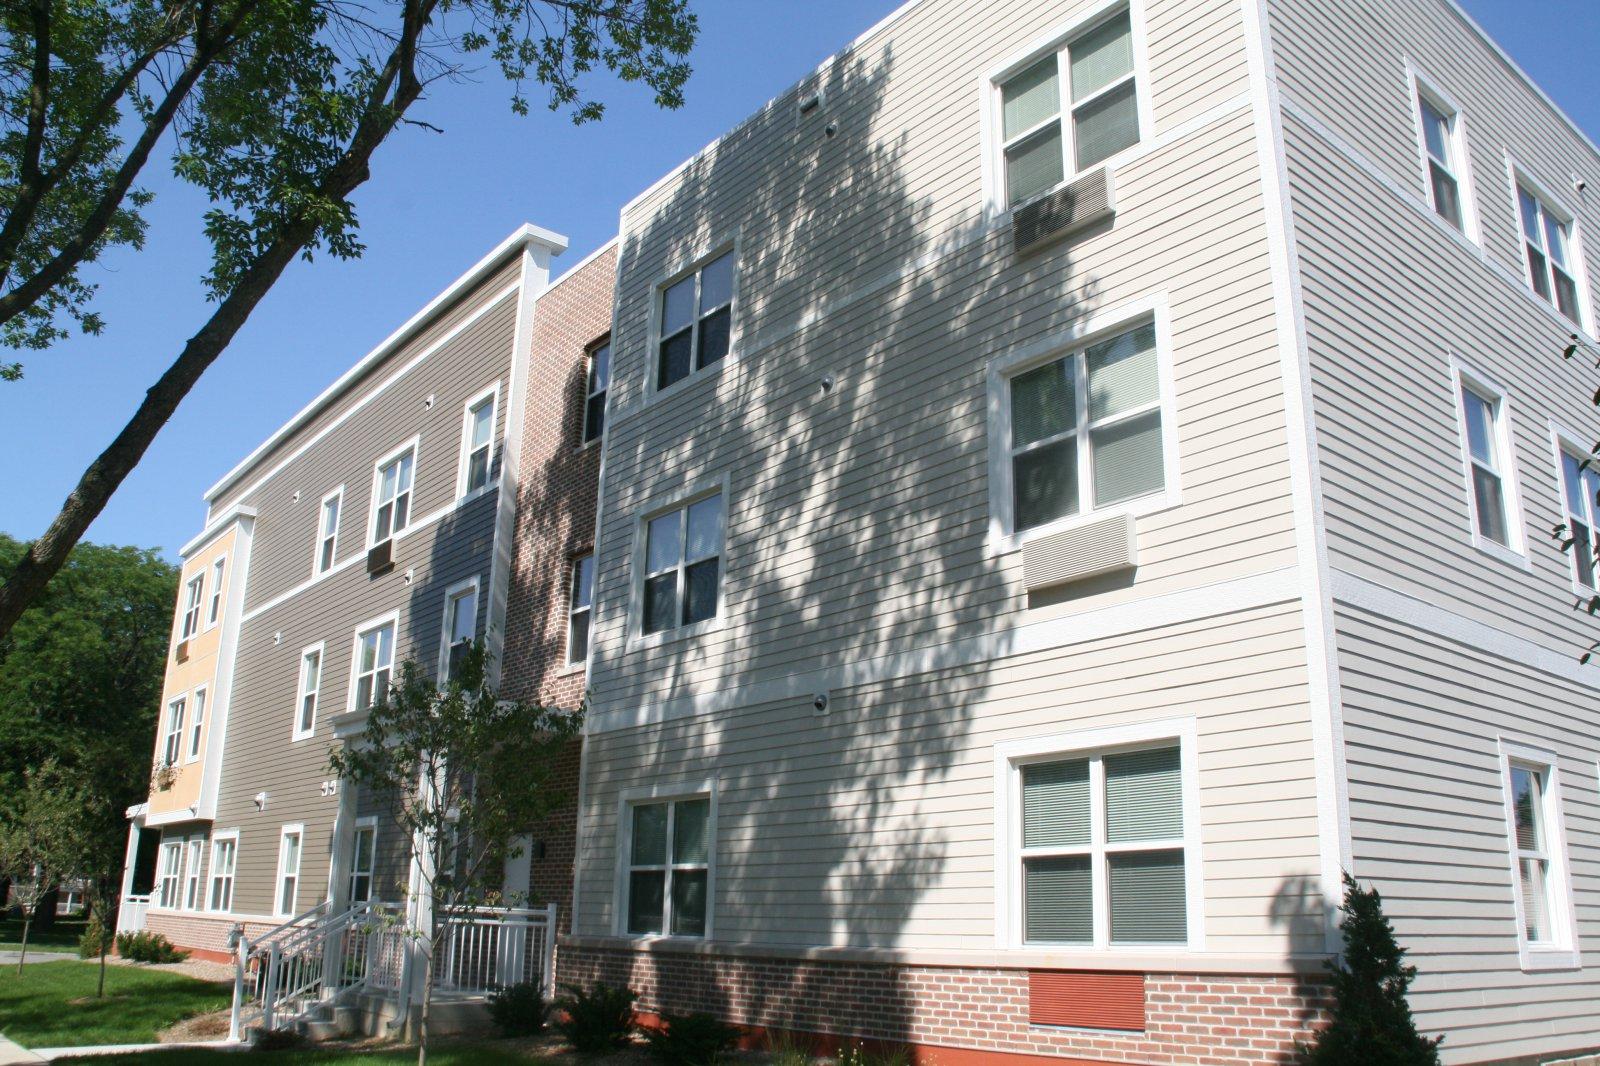 Clarke Square Apartments - 2331 W. Vieau Pl.